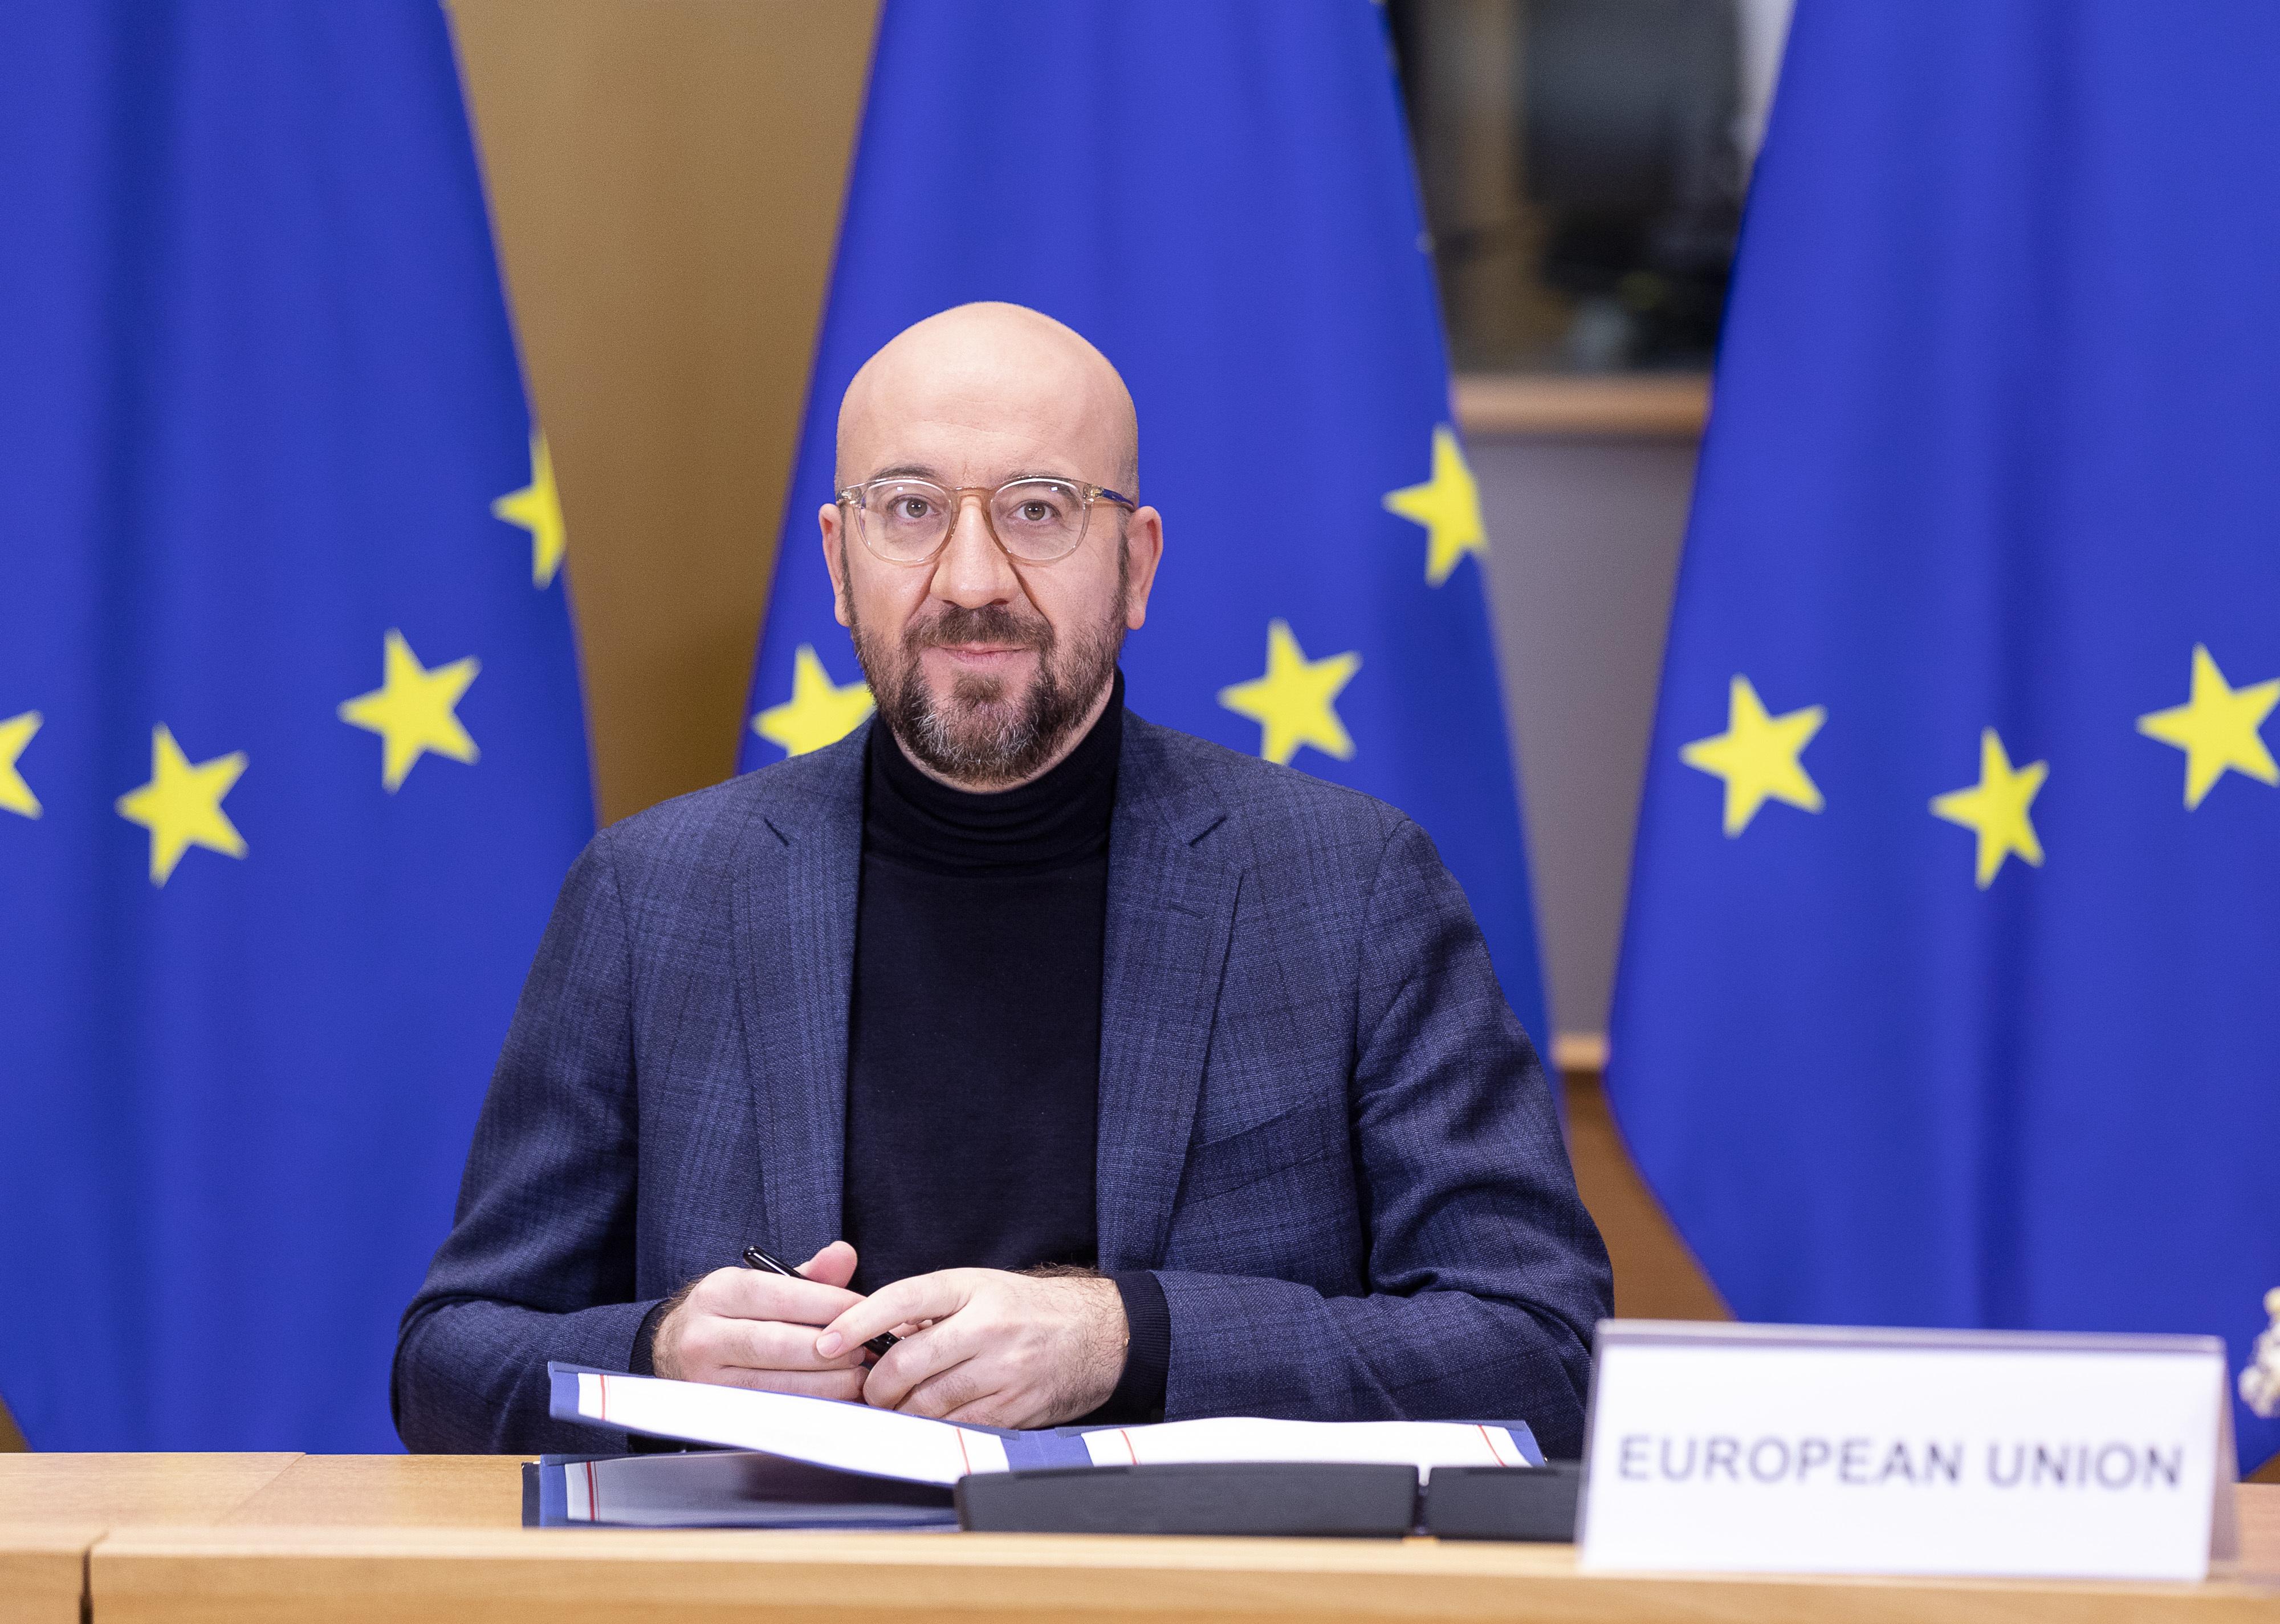 Michel: Az EU nem fogja hagyni, hogy a gyógyszergyárak ne úgy szállítsák a vakcinákat, ahogyan megállapodtak velük